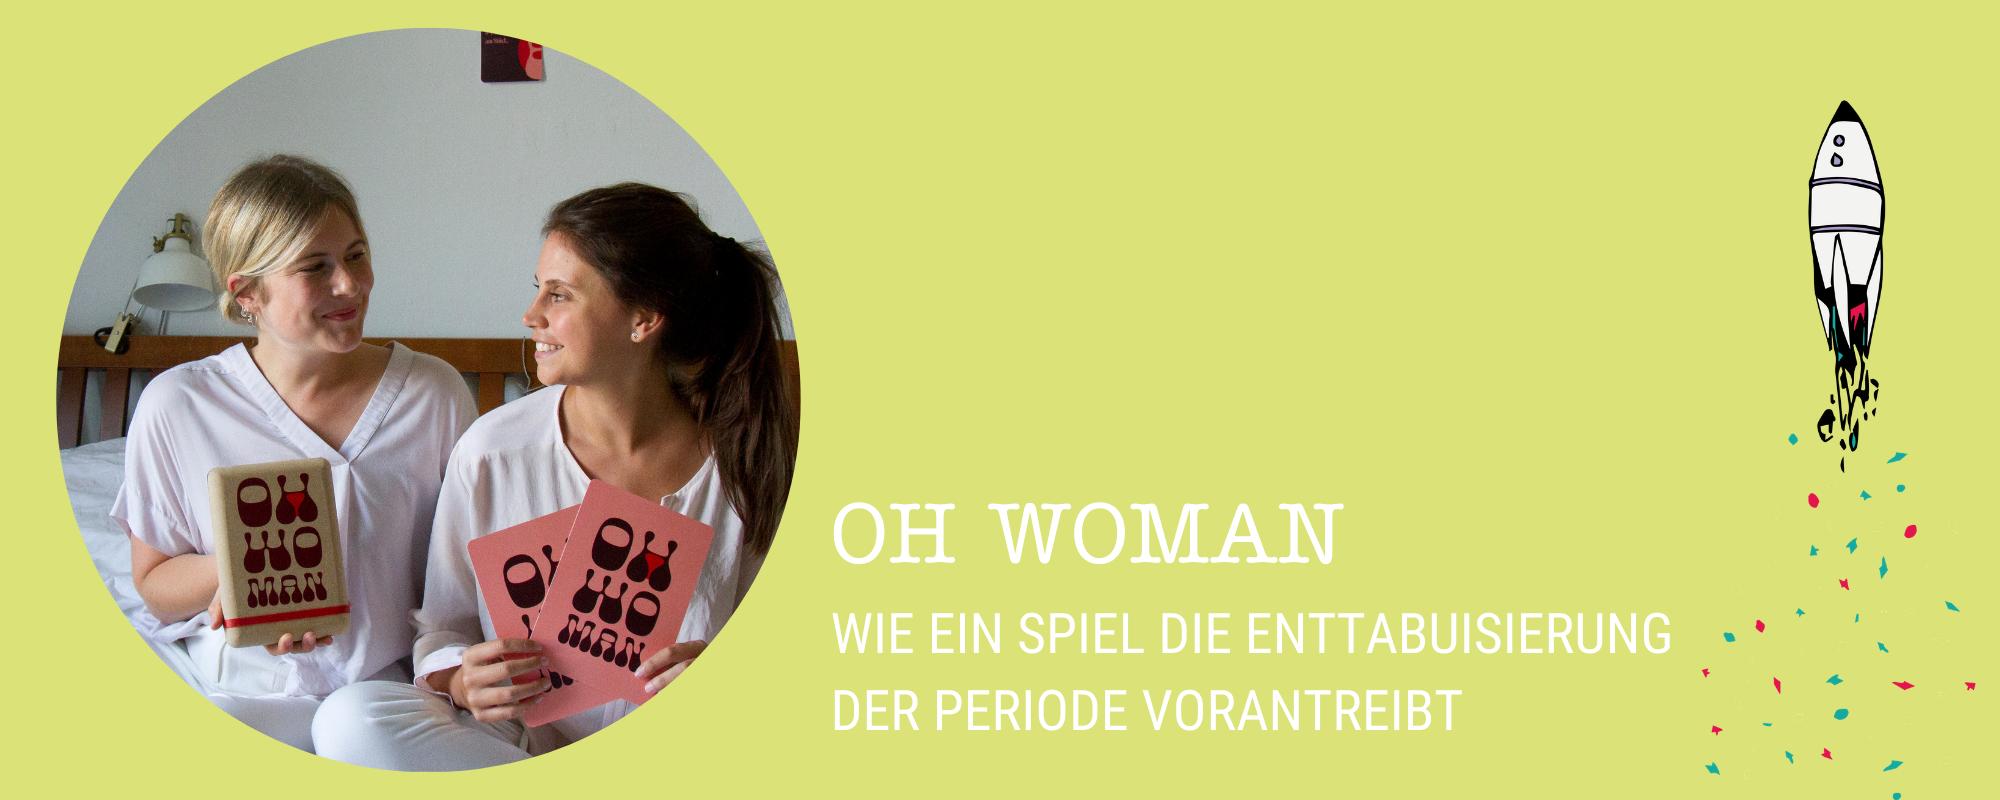 OH WOMAN – Wie ein Spiel die Enttabuisierung der Periode vorantreibt